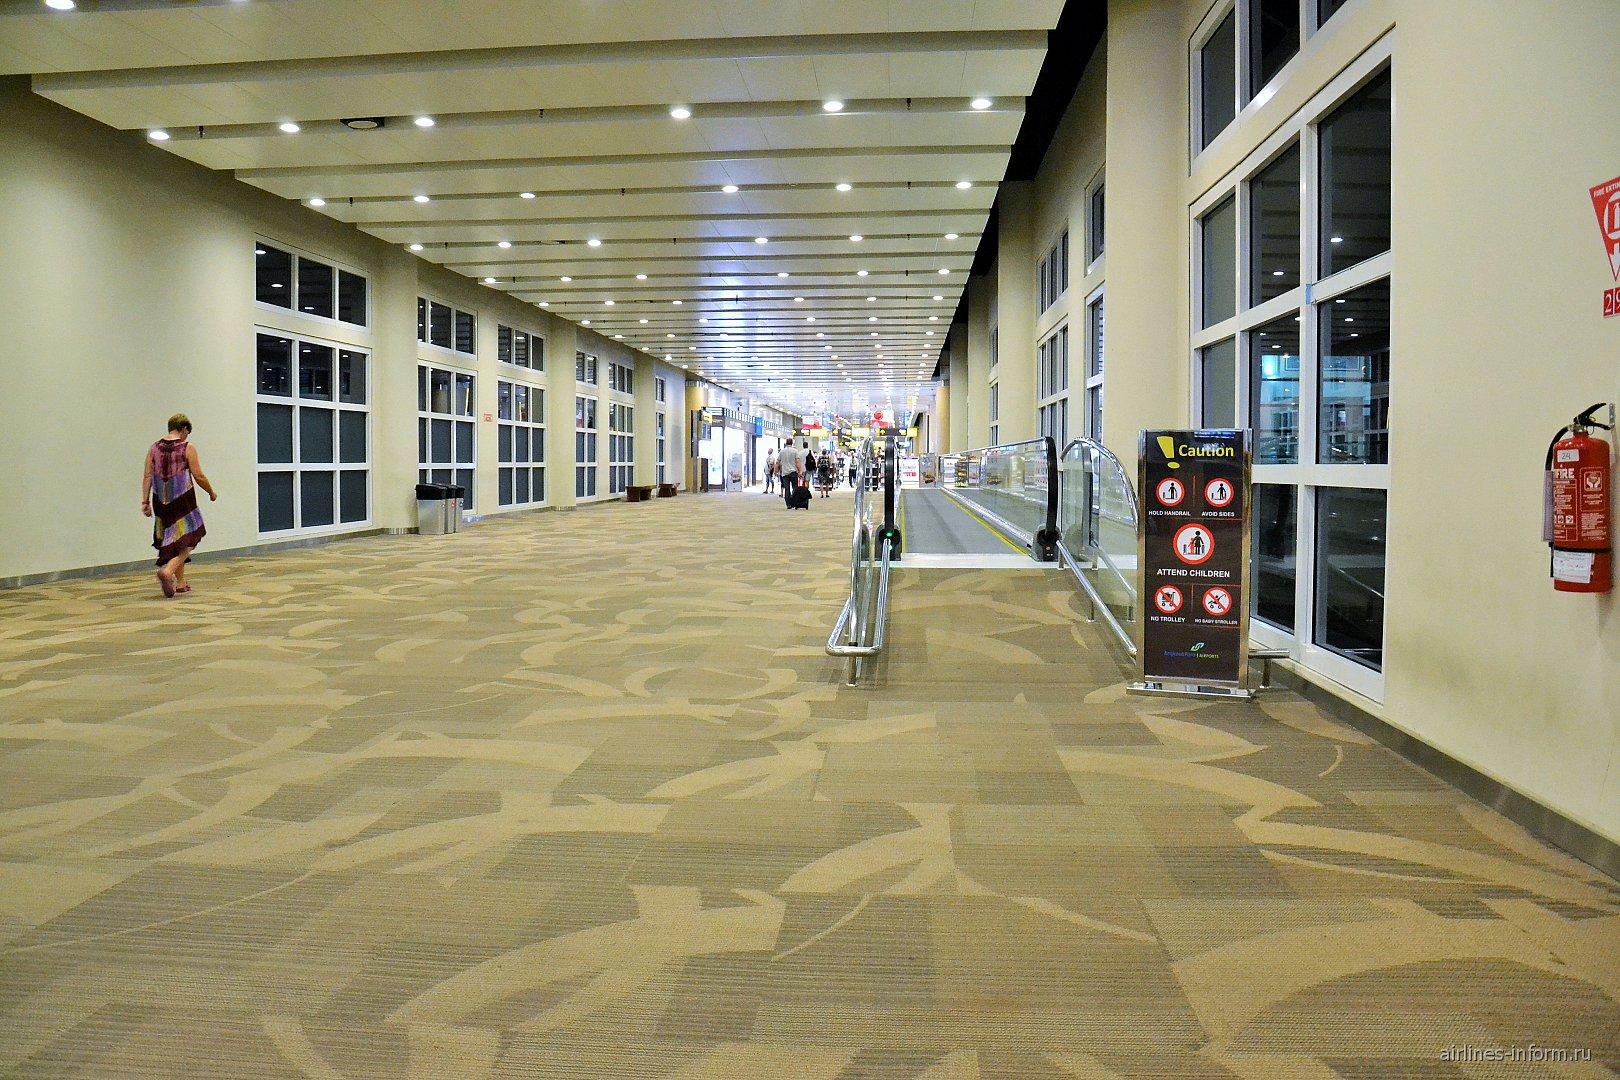 Пешеходная галерея в аэропорту Денпасар Нгура Рай